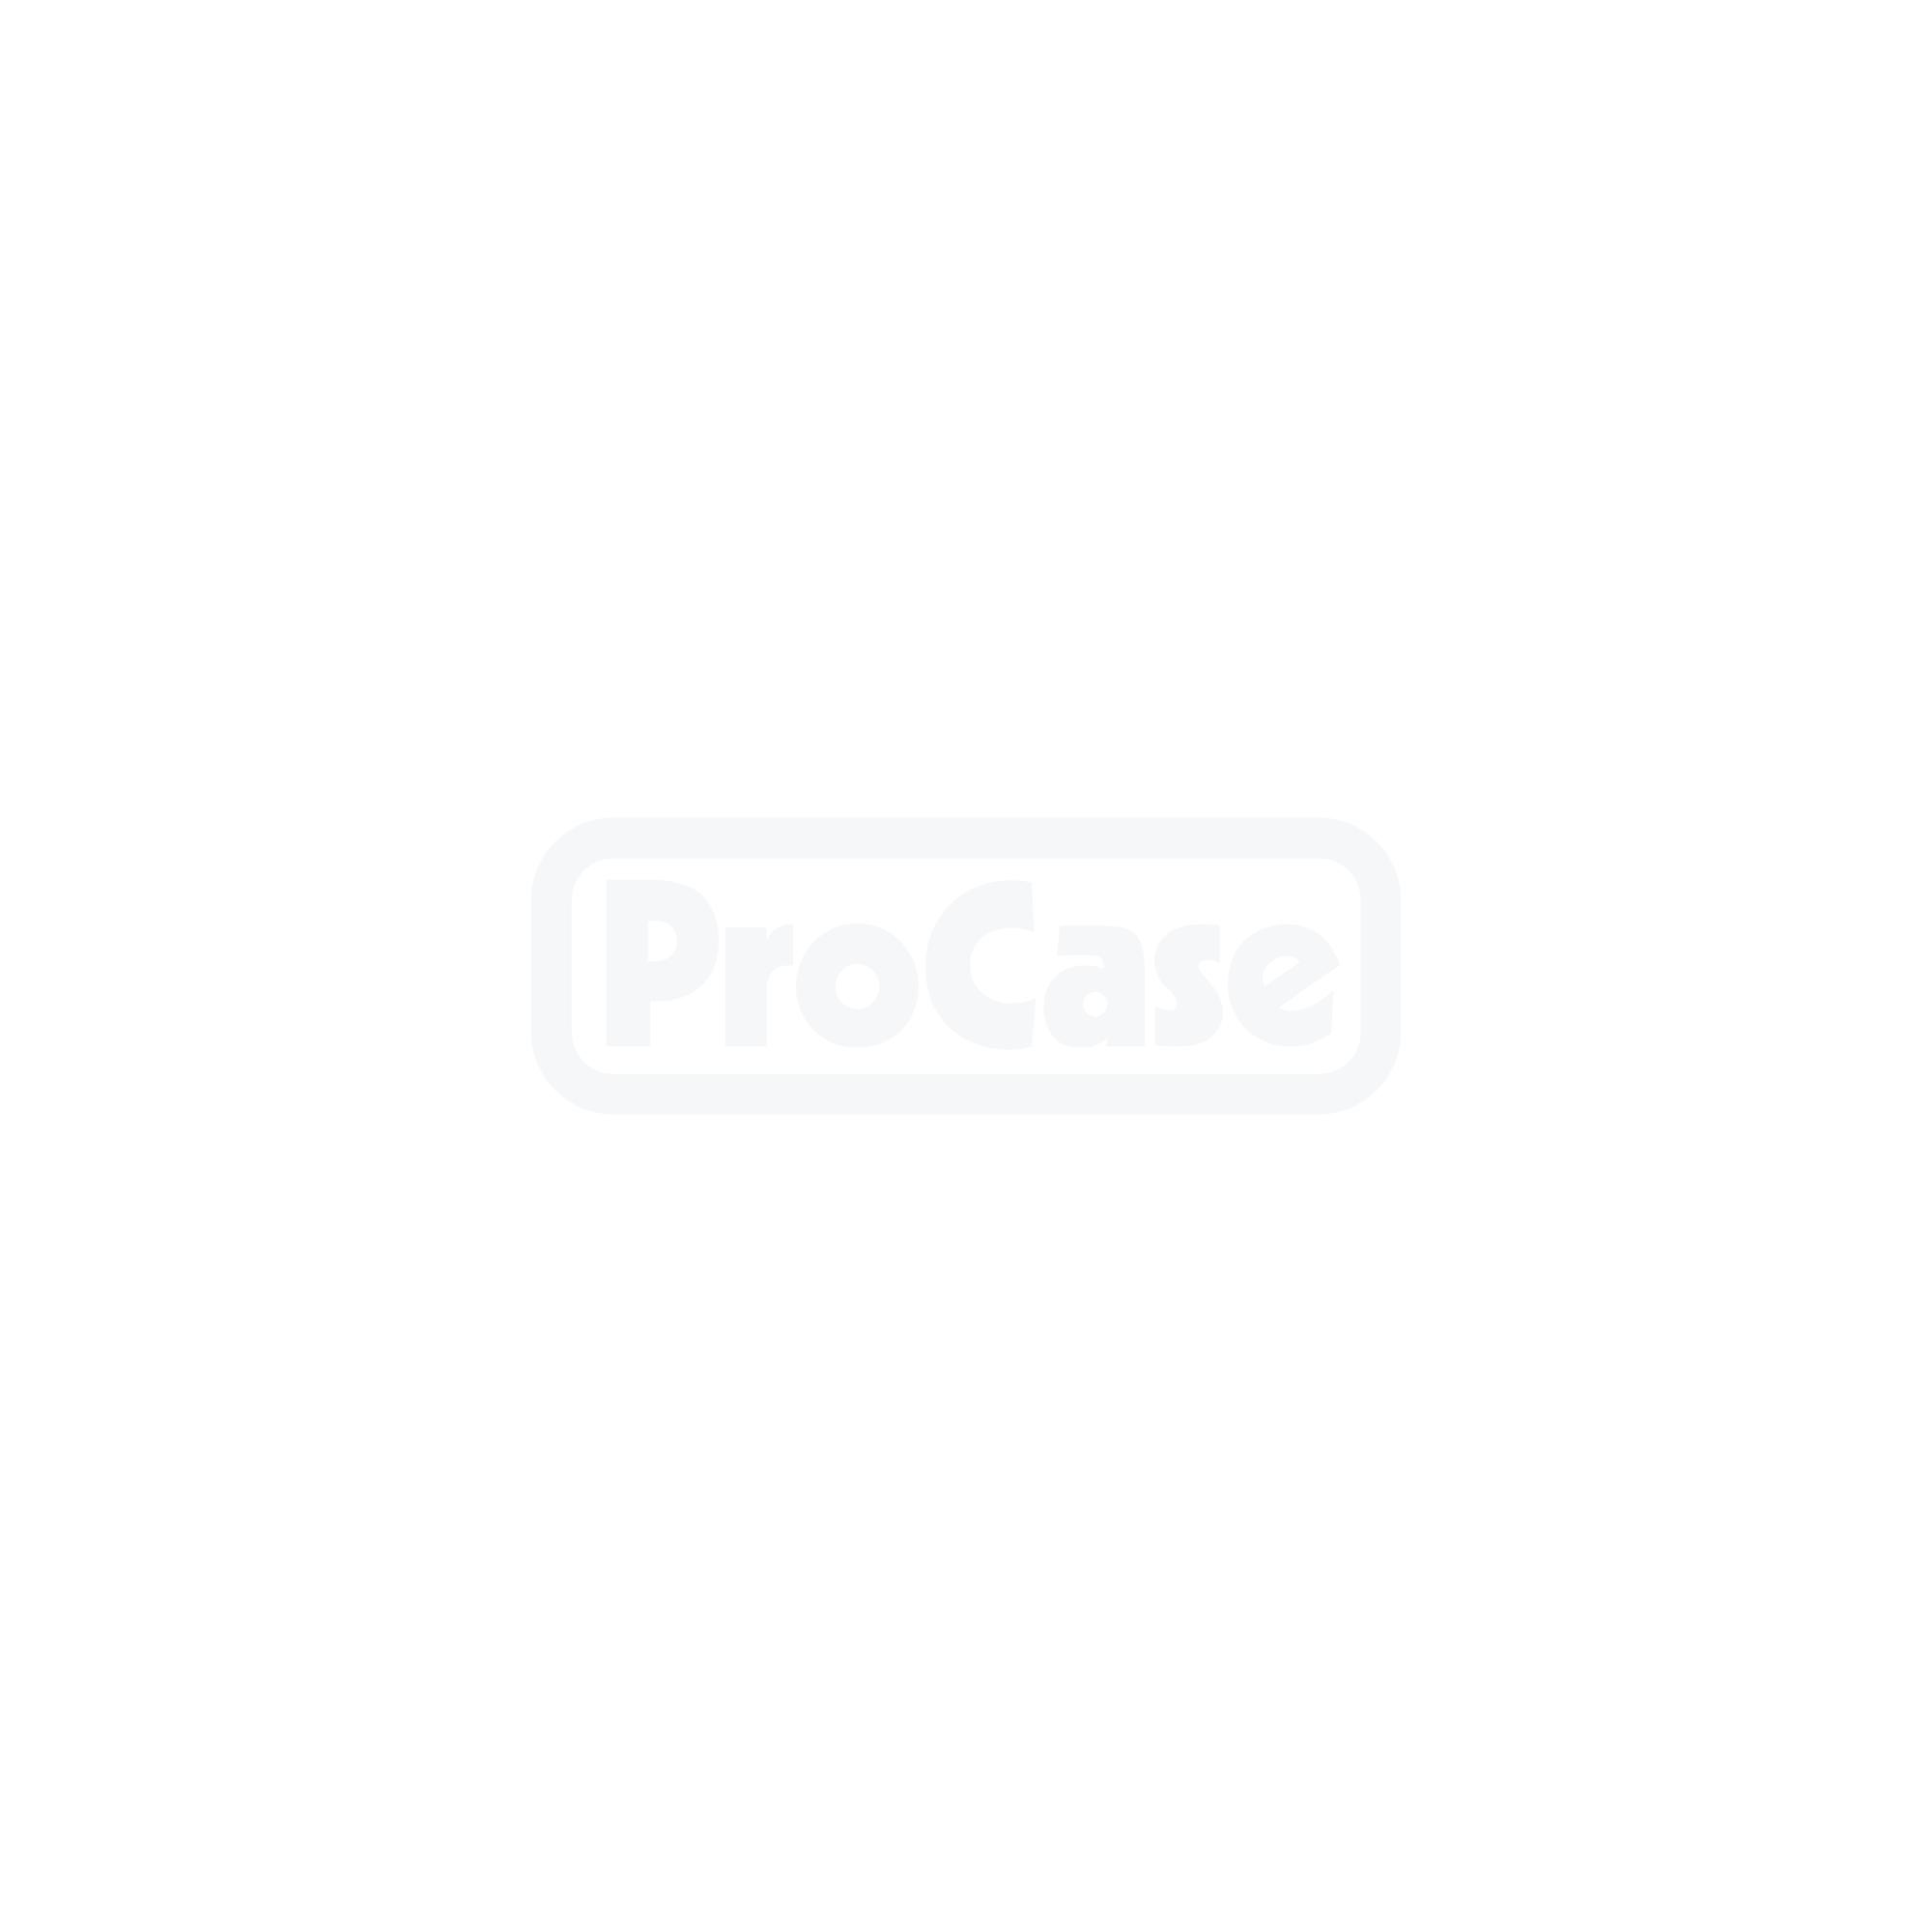 QSD-Rack 10HE 800 mm tief 2